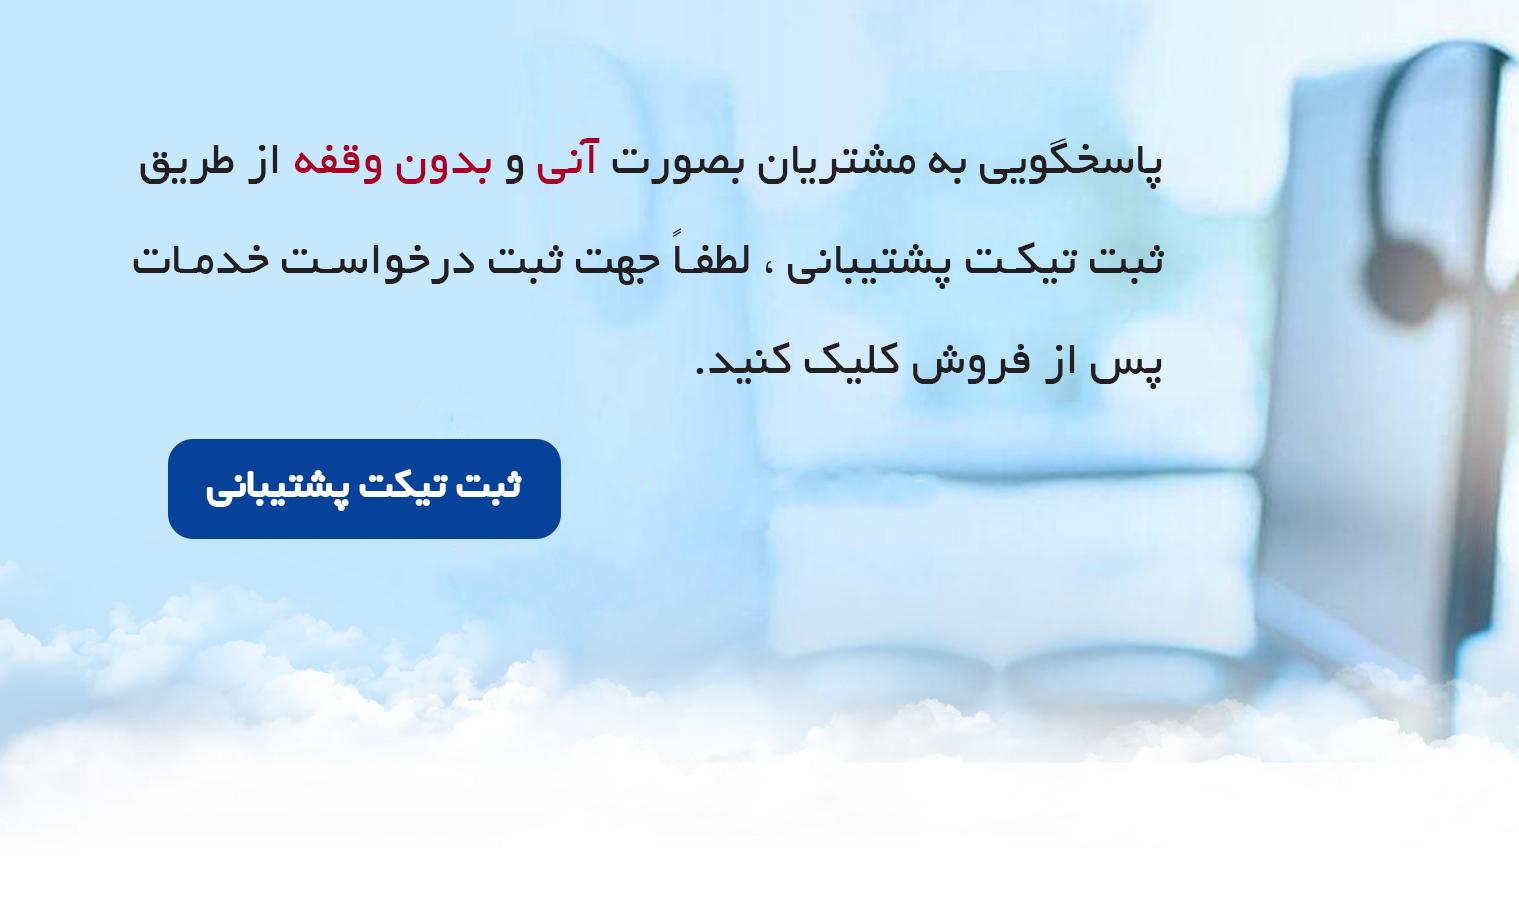 تیکت پشتیبانی ایران دی اچ